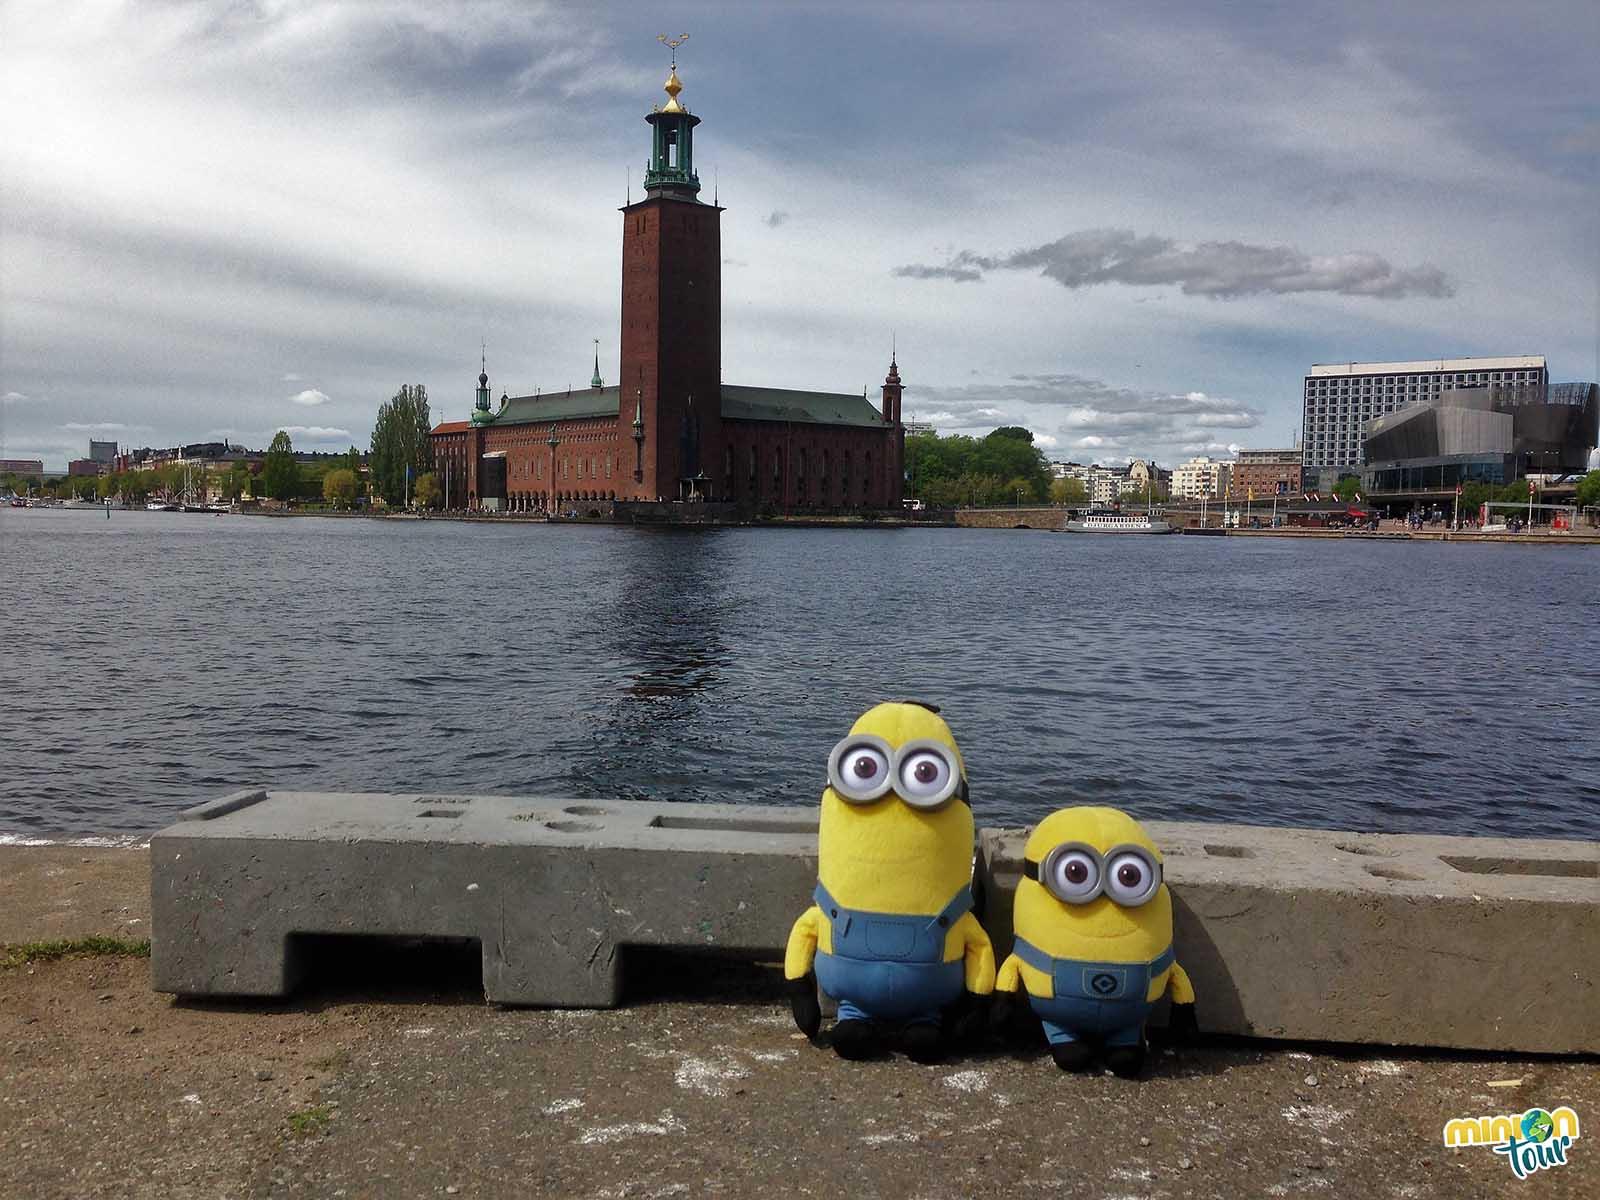 Los Minions posando con el Ayuntamiento de Estocolmo